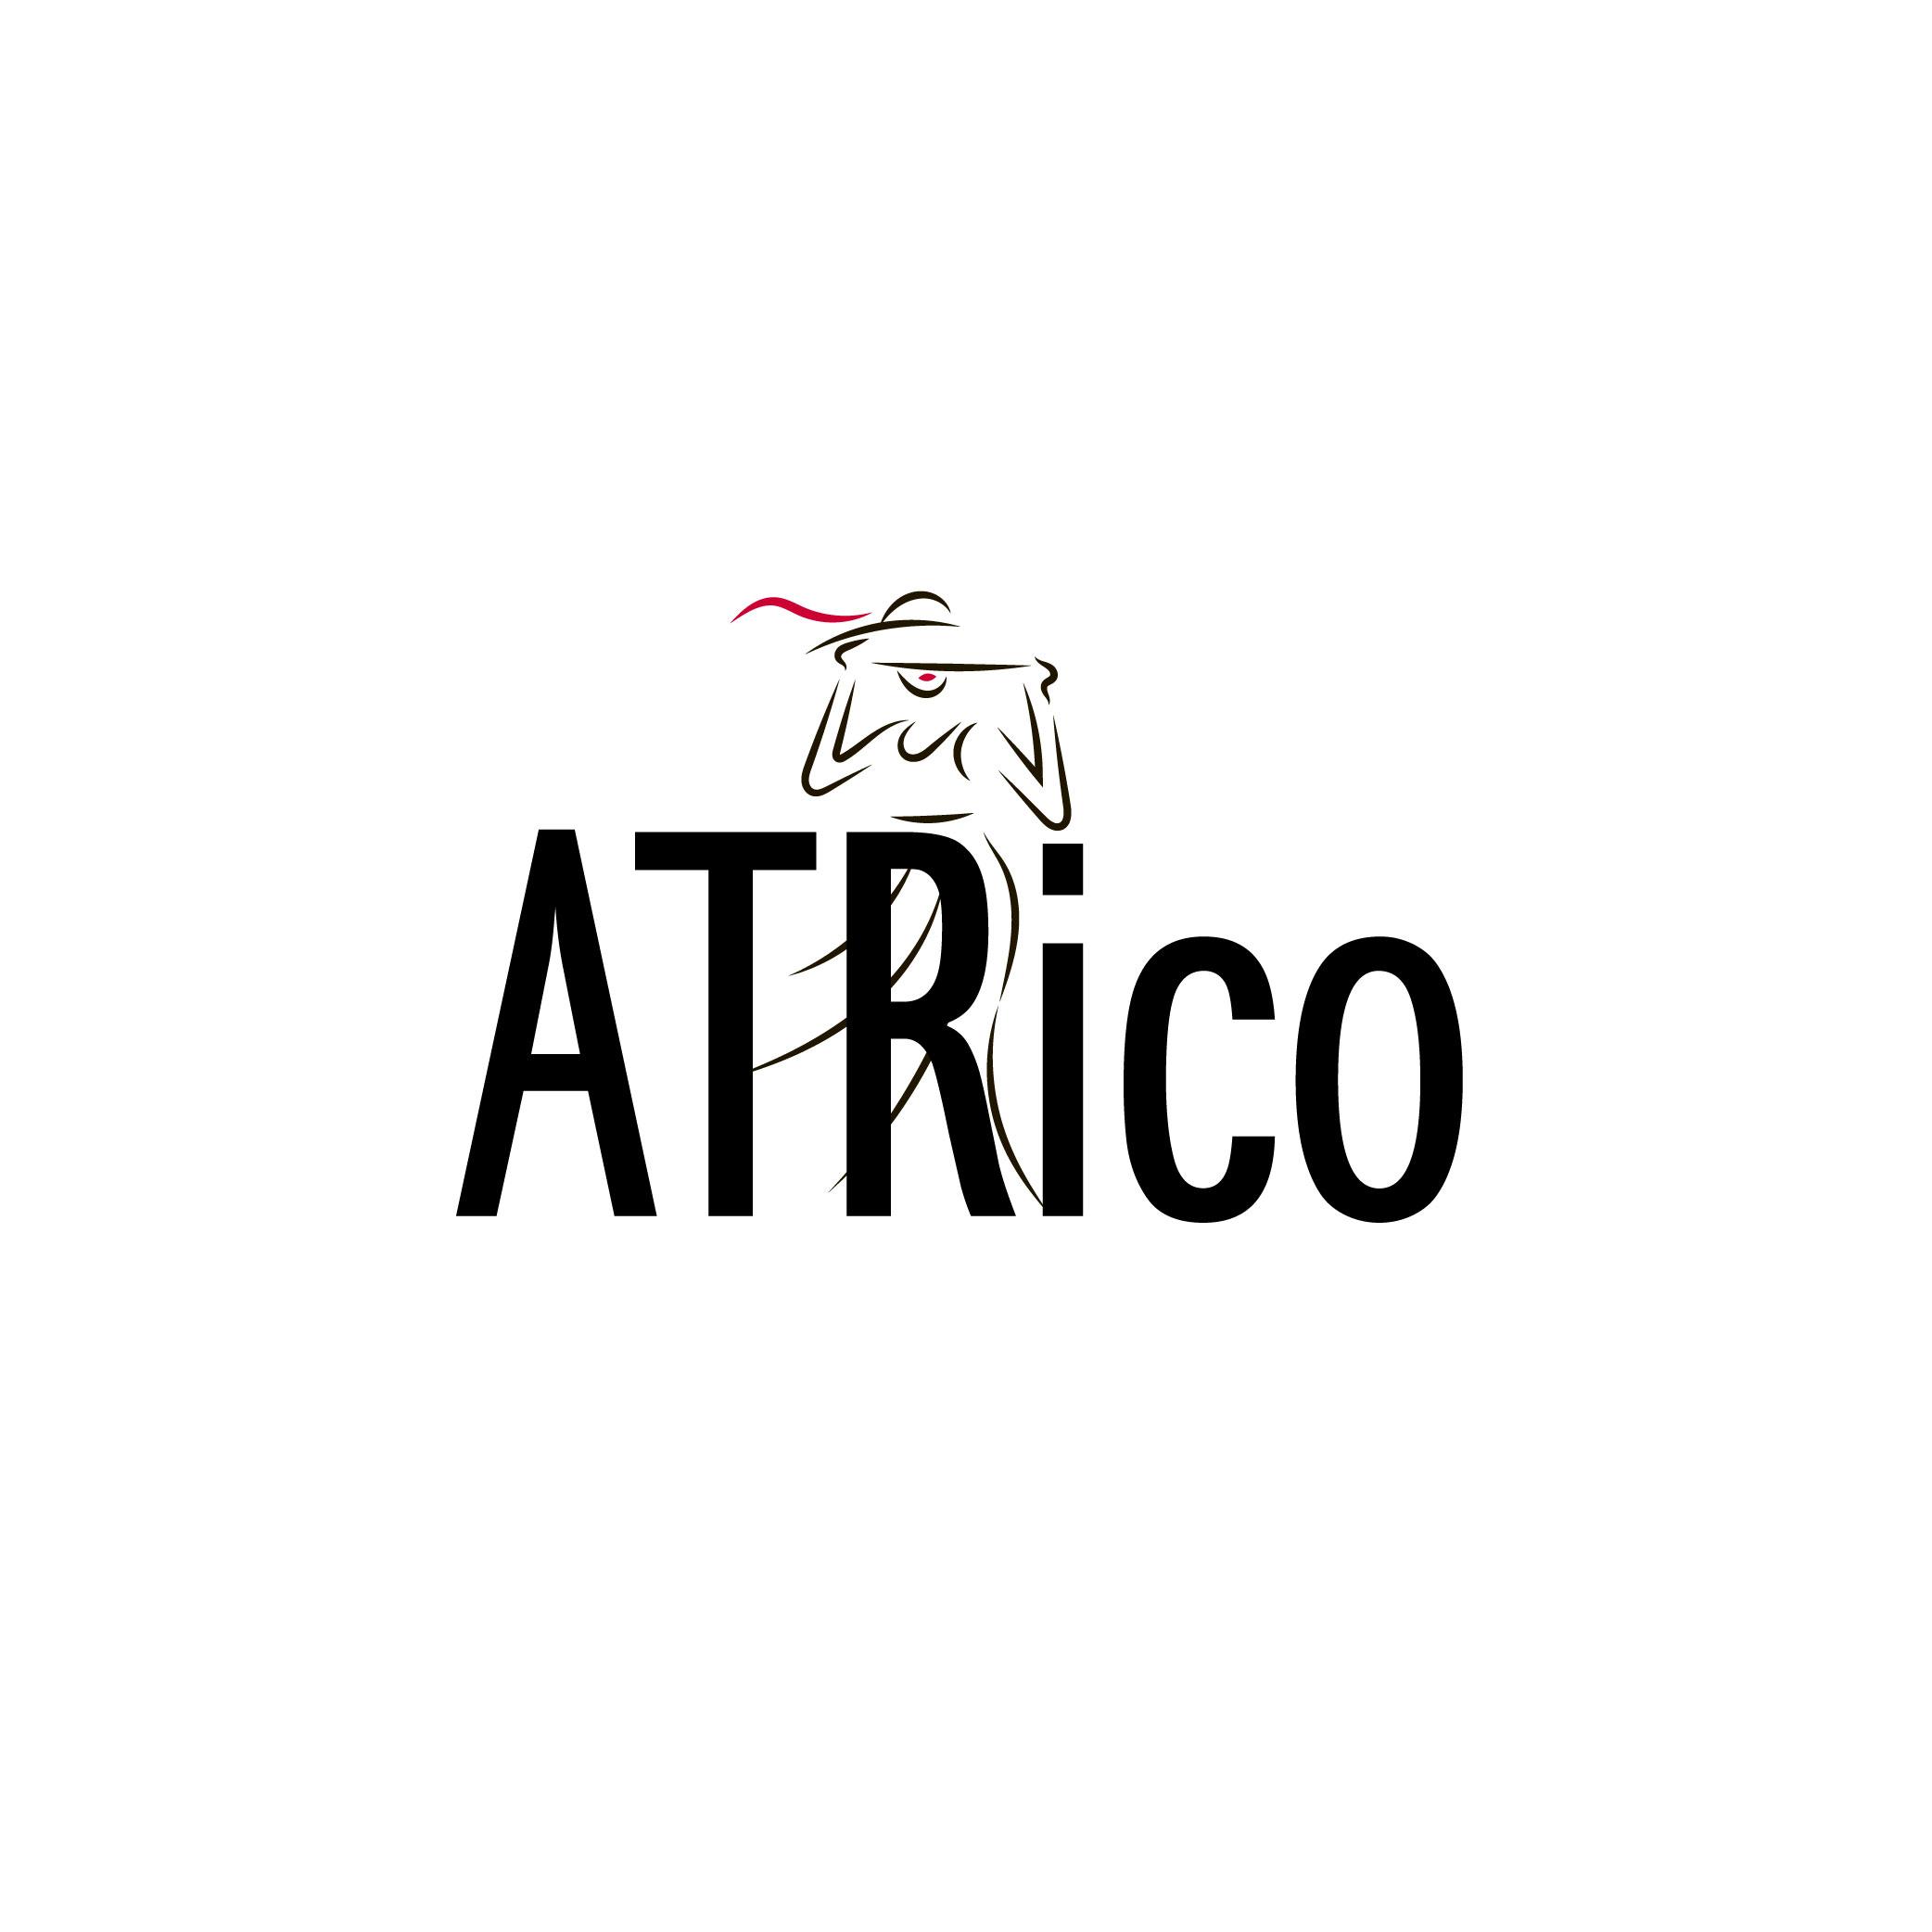 Логотип для брендовой пряжи и трикотажной одежды фото f_0945ffe988520c4b.jpg